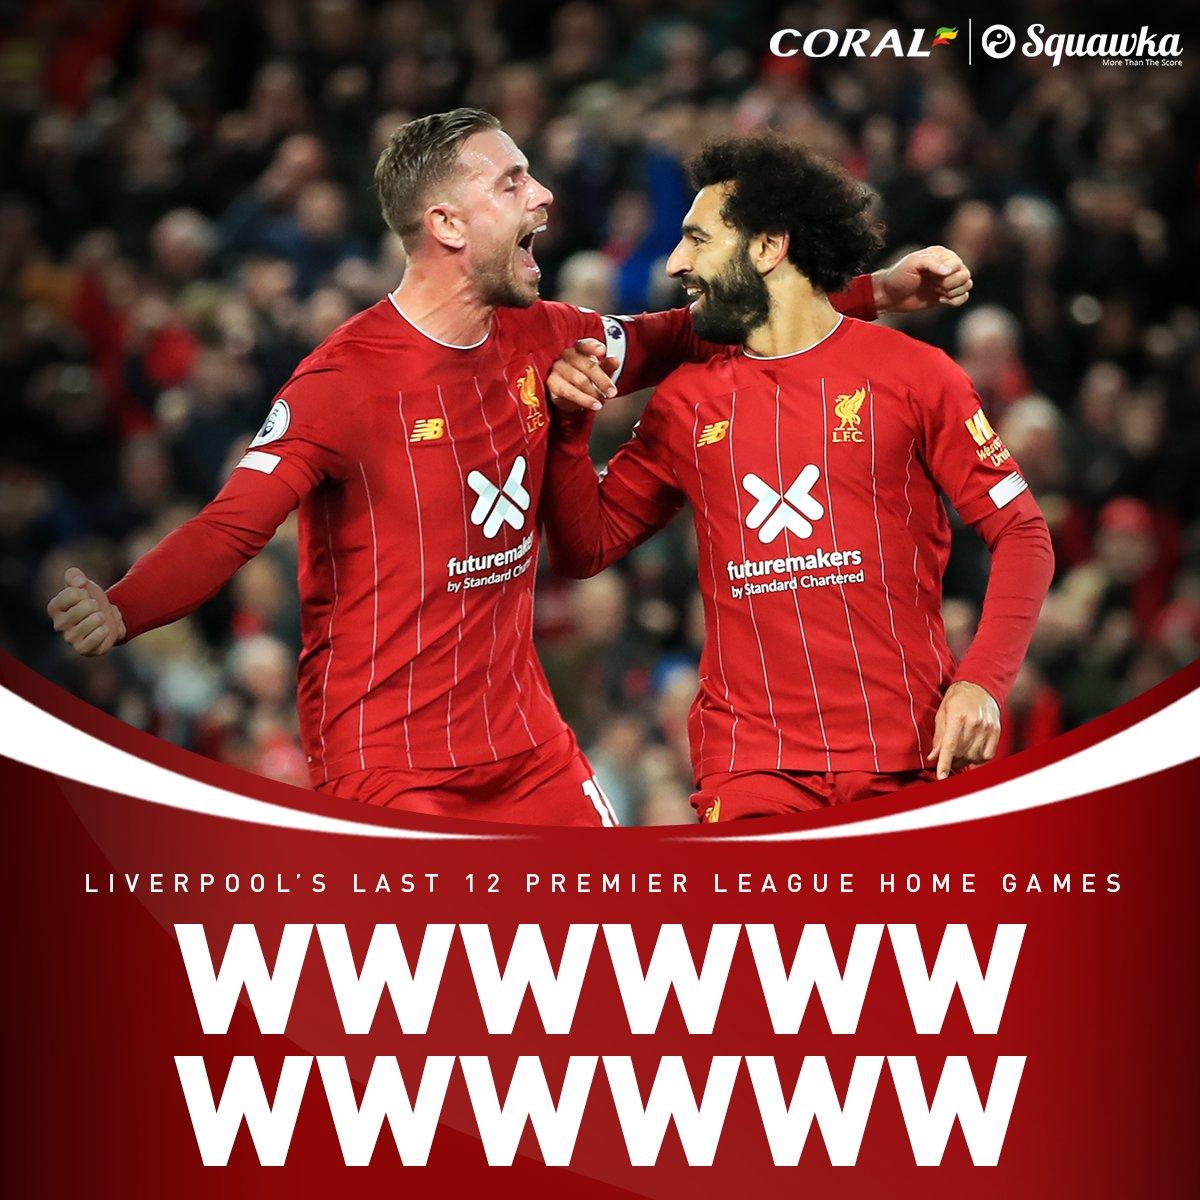 365bet体育在线官网:先丢球也不怕!利物浦近6次英超主场先丢球,末了均取胜